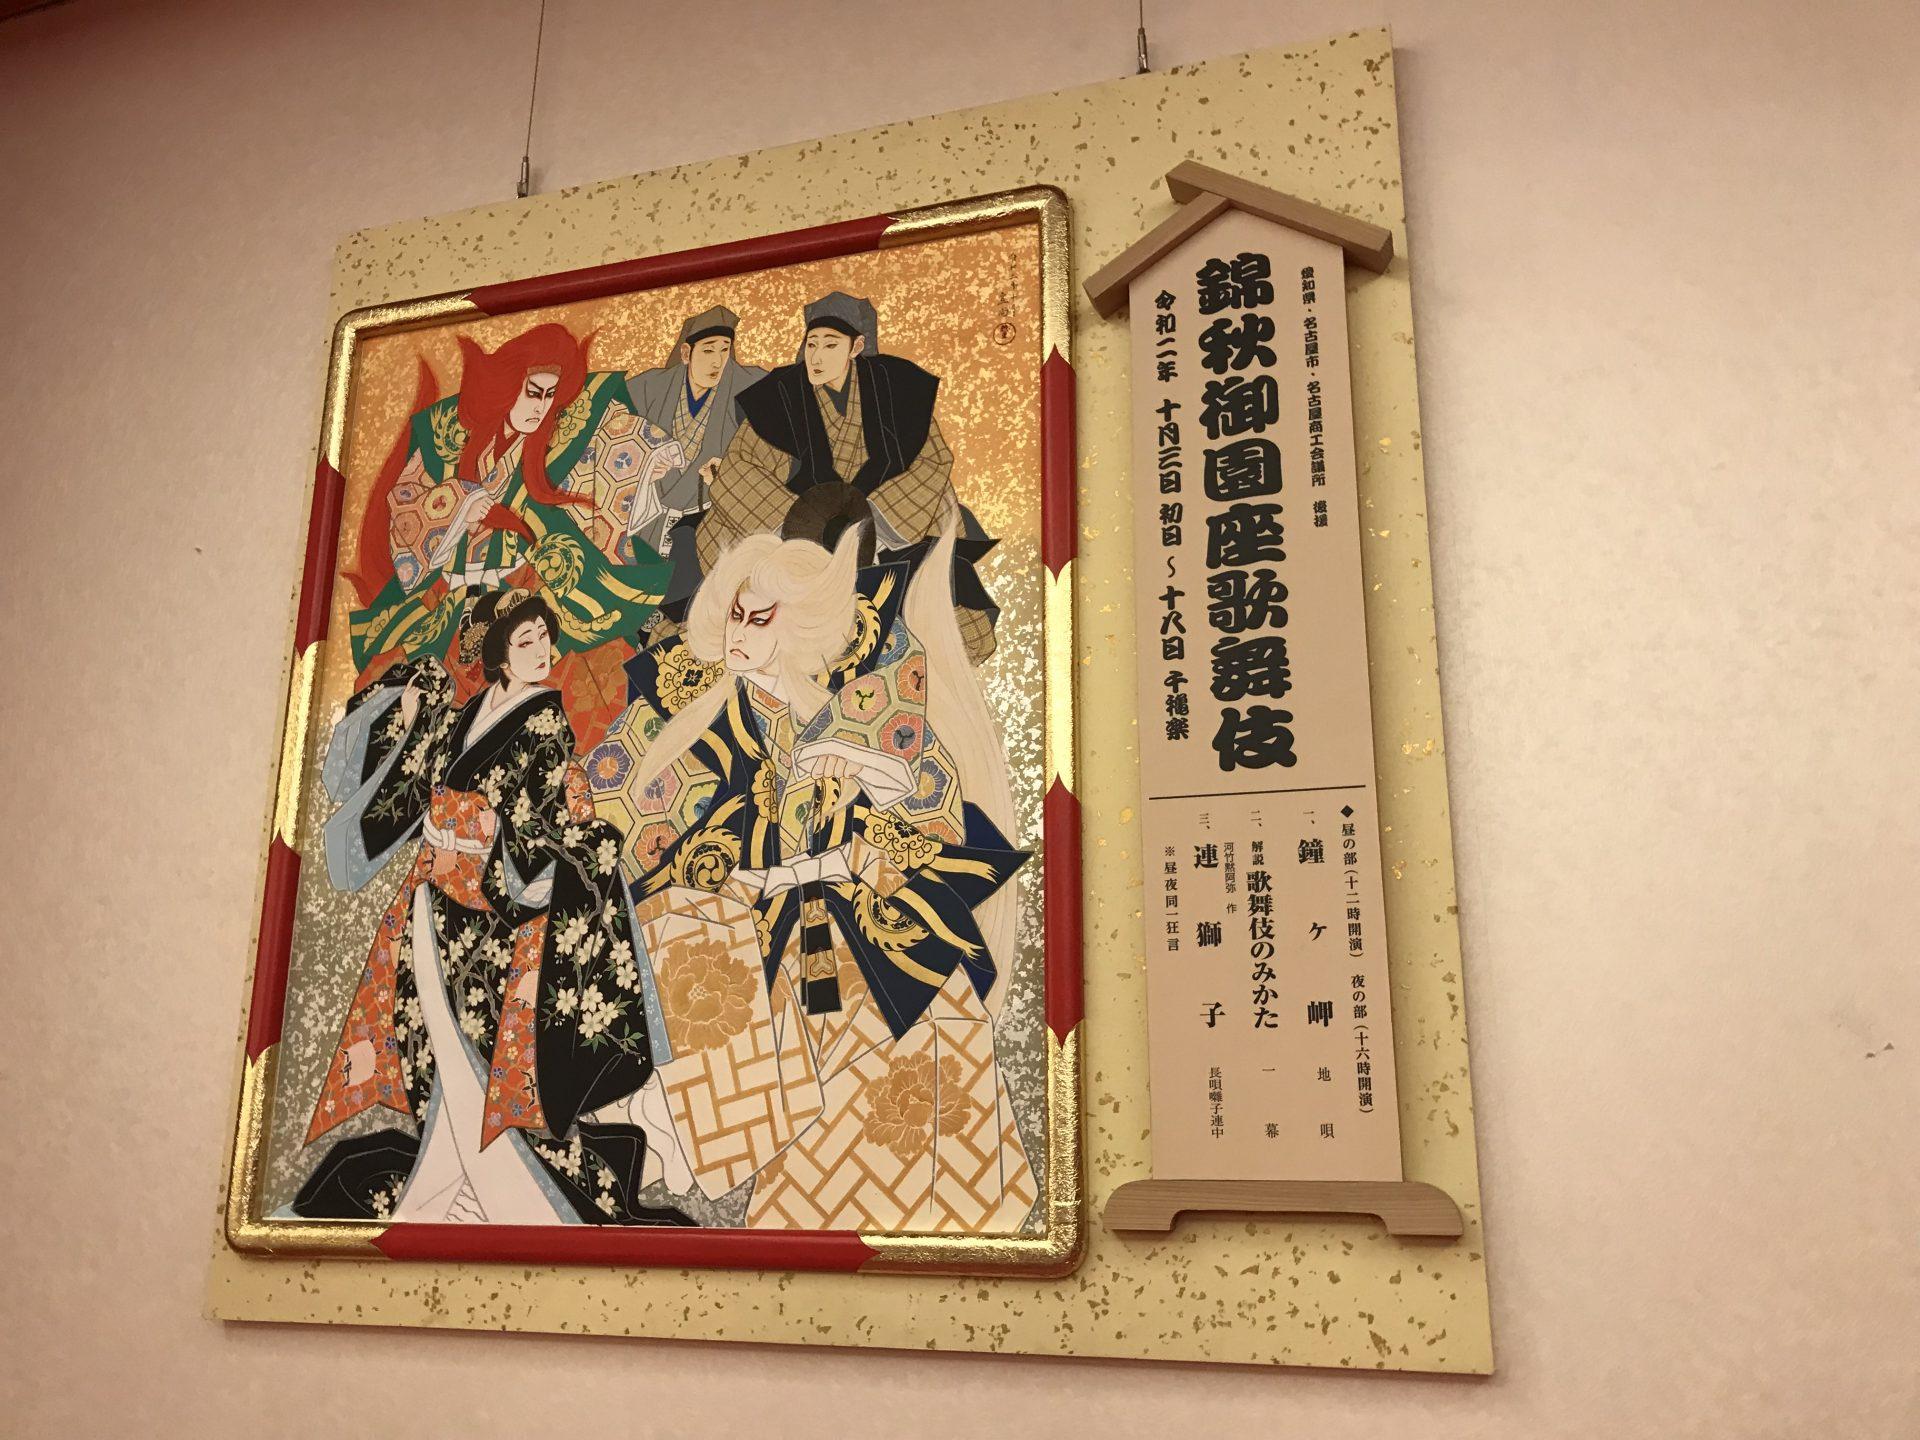 歌舞伎の定式幕の色は